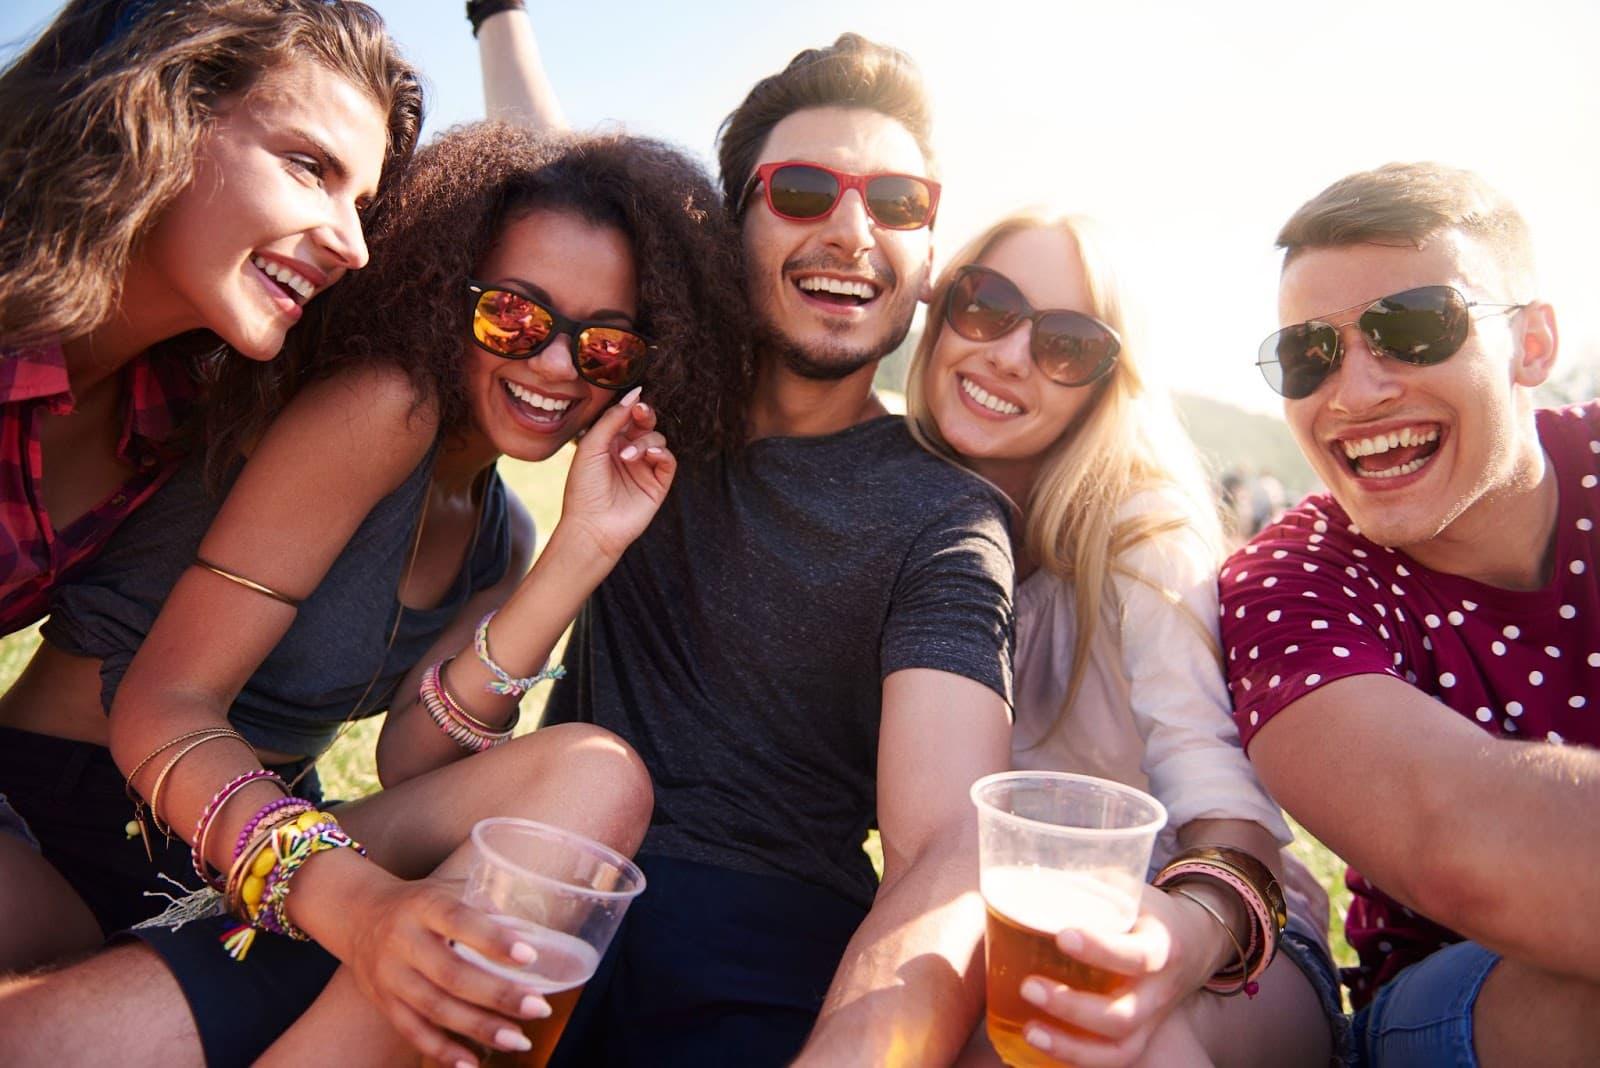 Grupos de amigos tirando selfie com copos de cerveja na mão